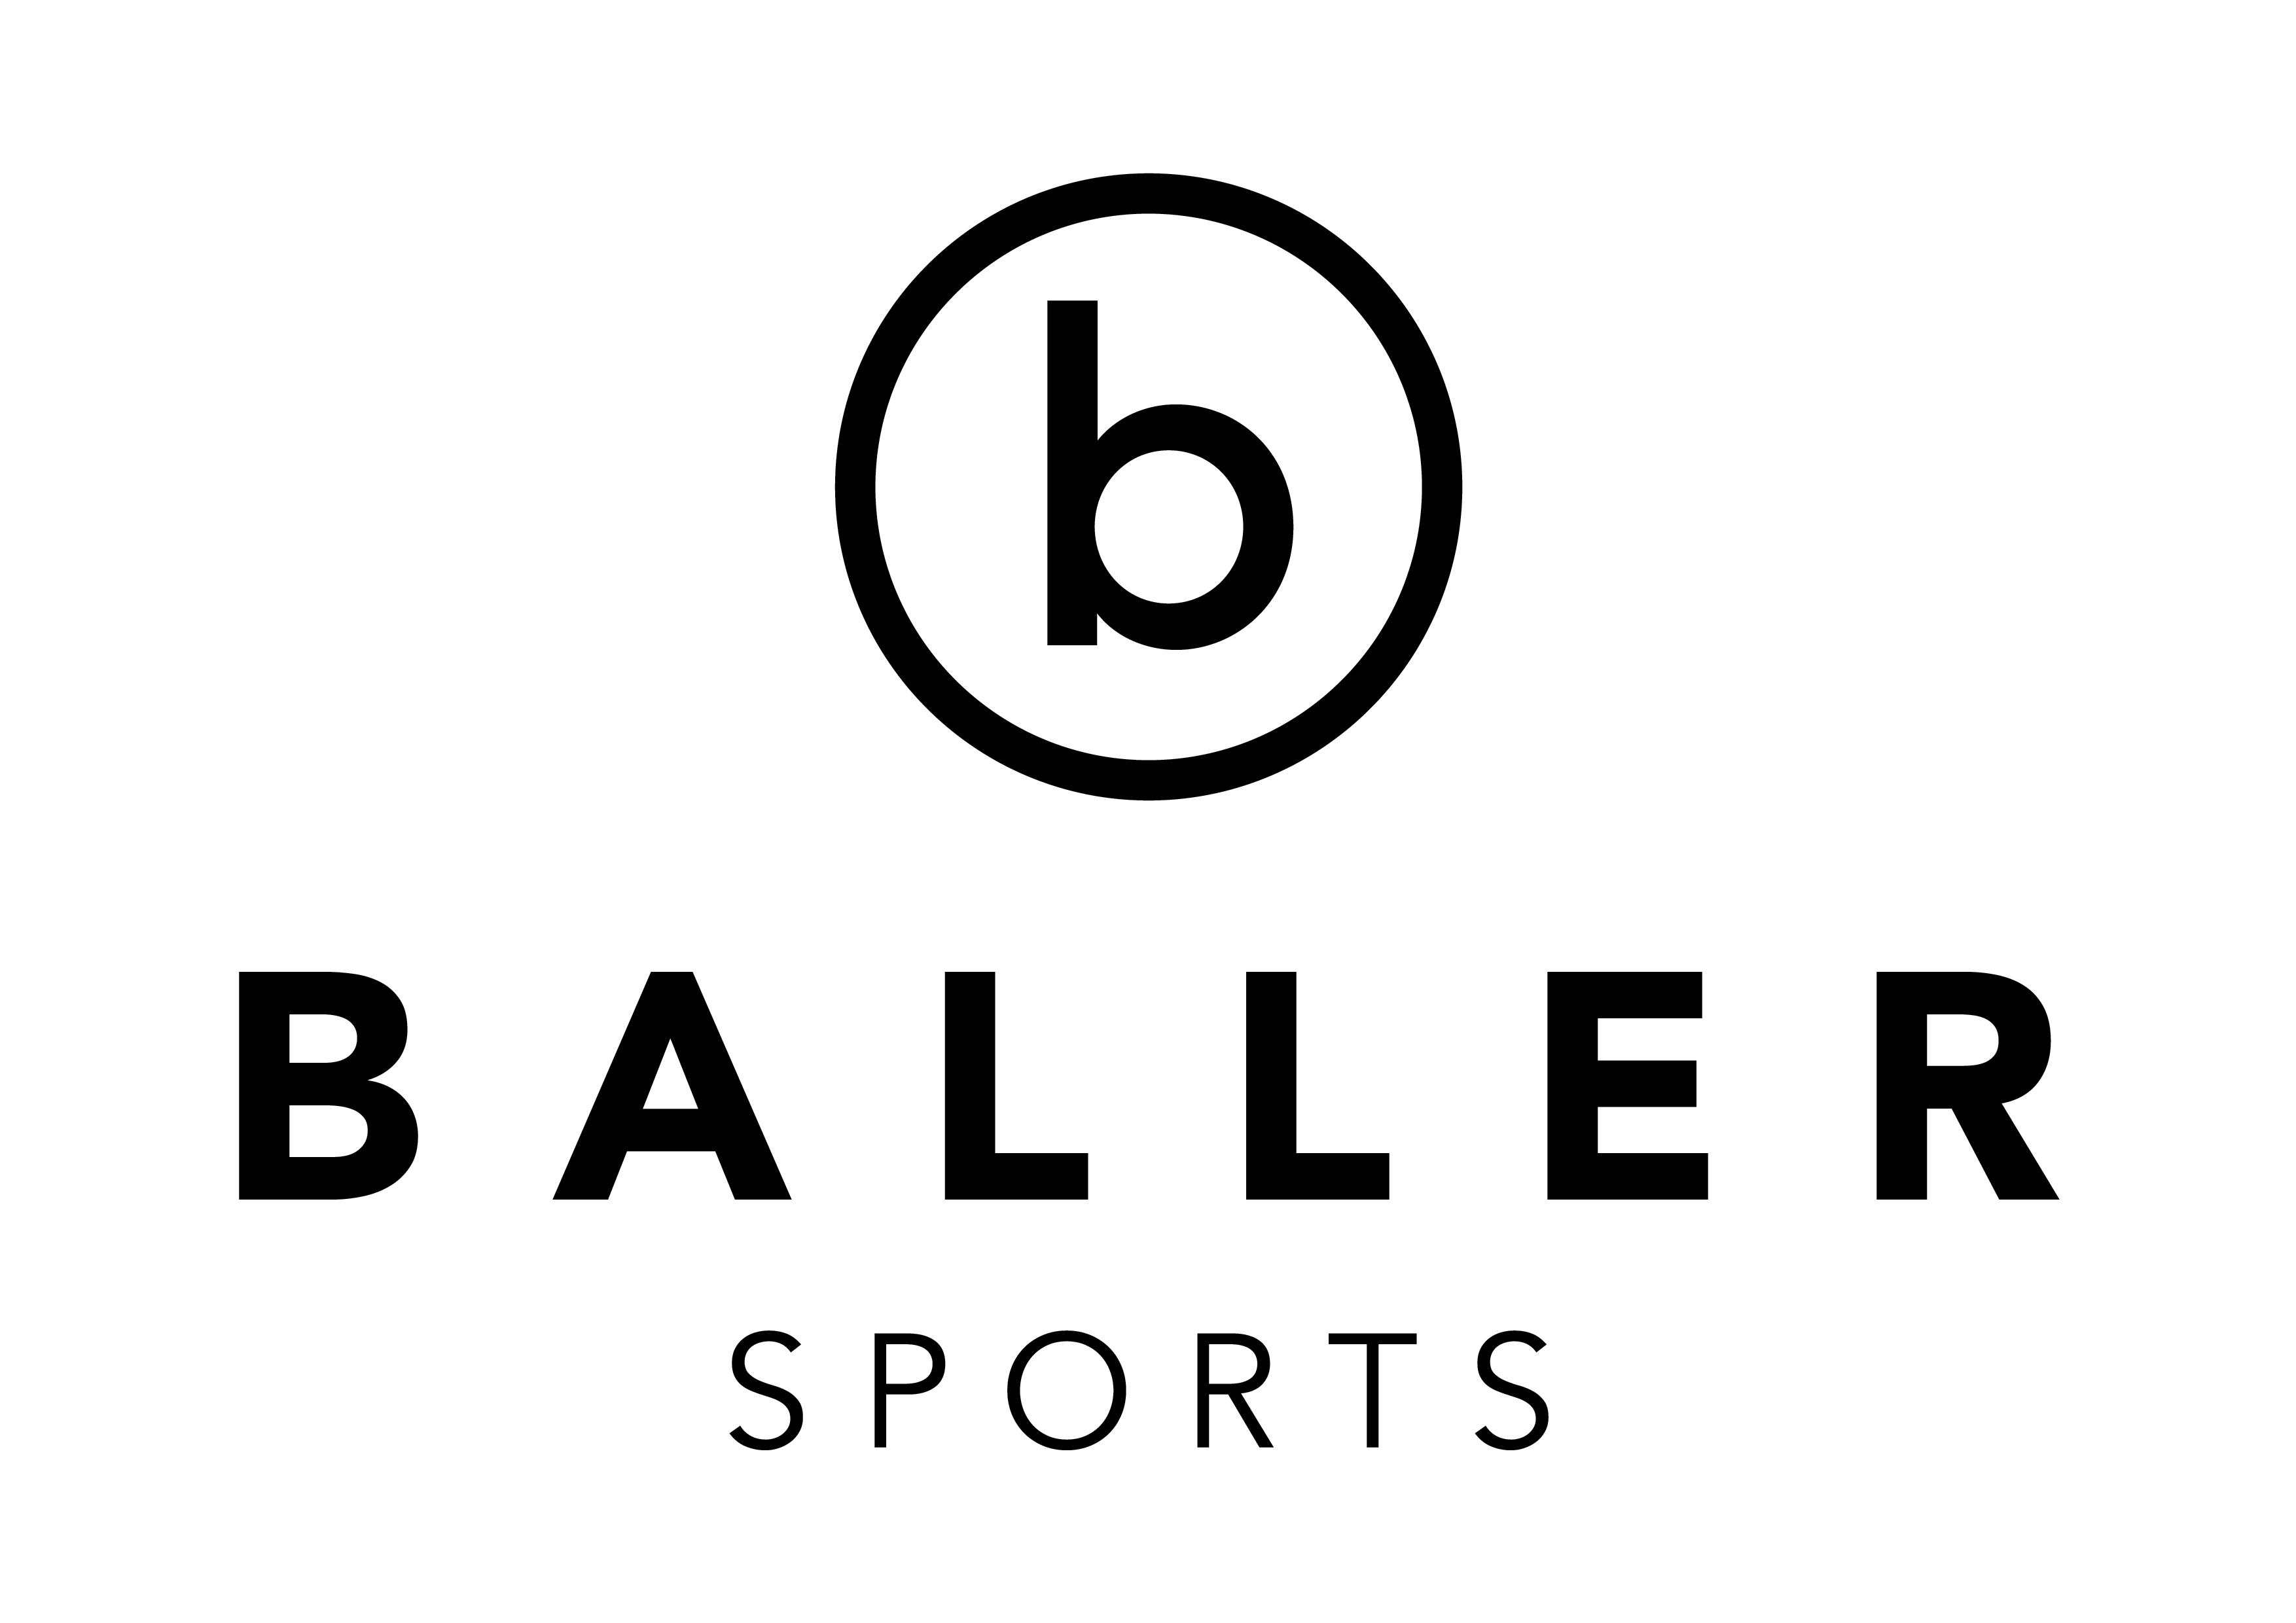 BALLER_Sports_Black_Iogo